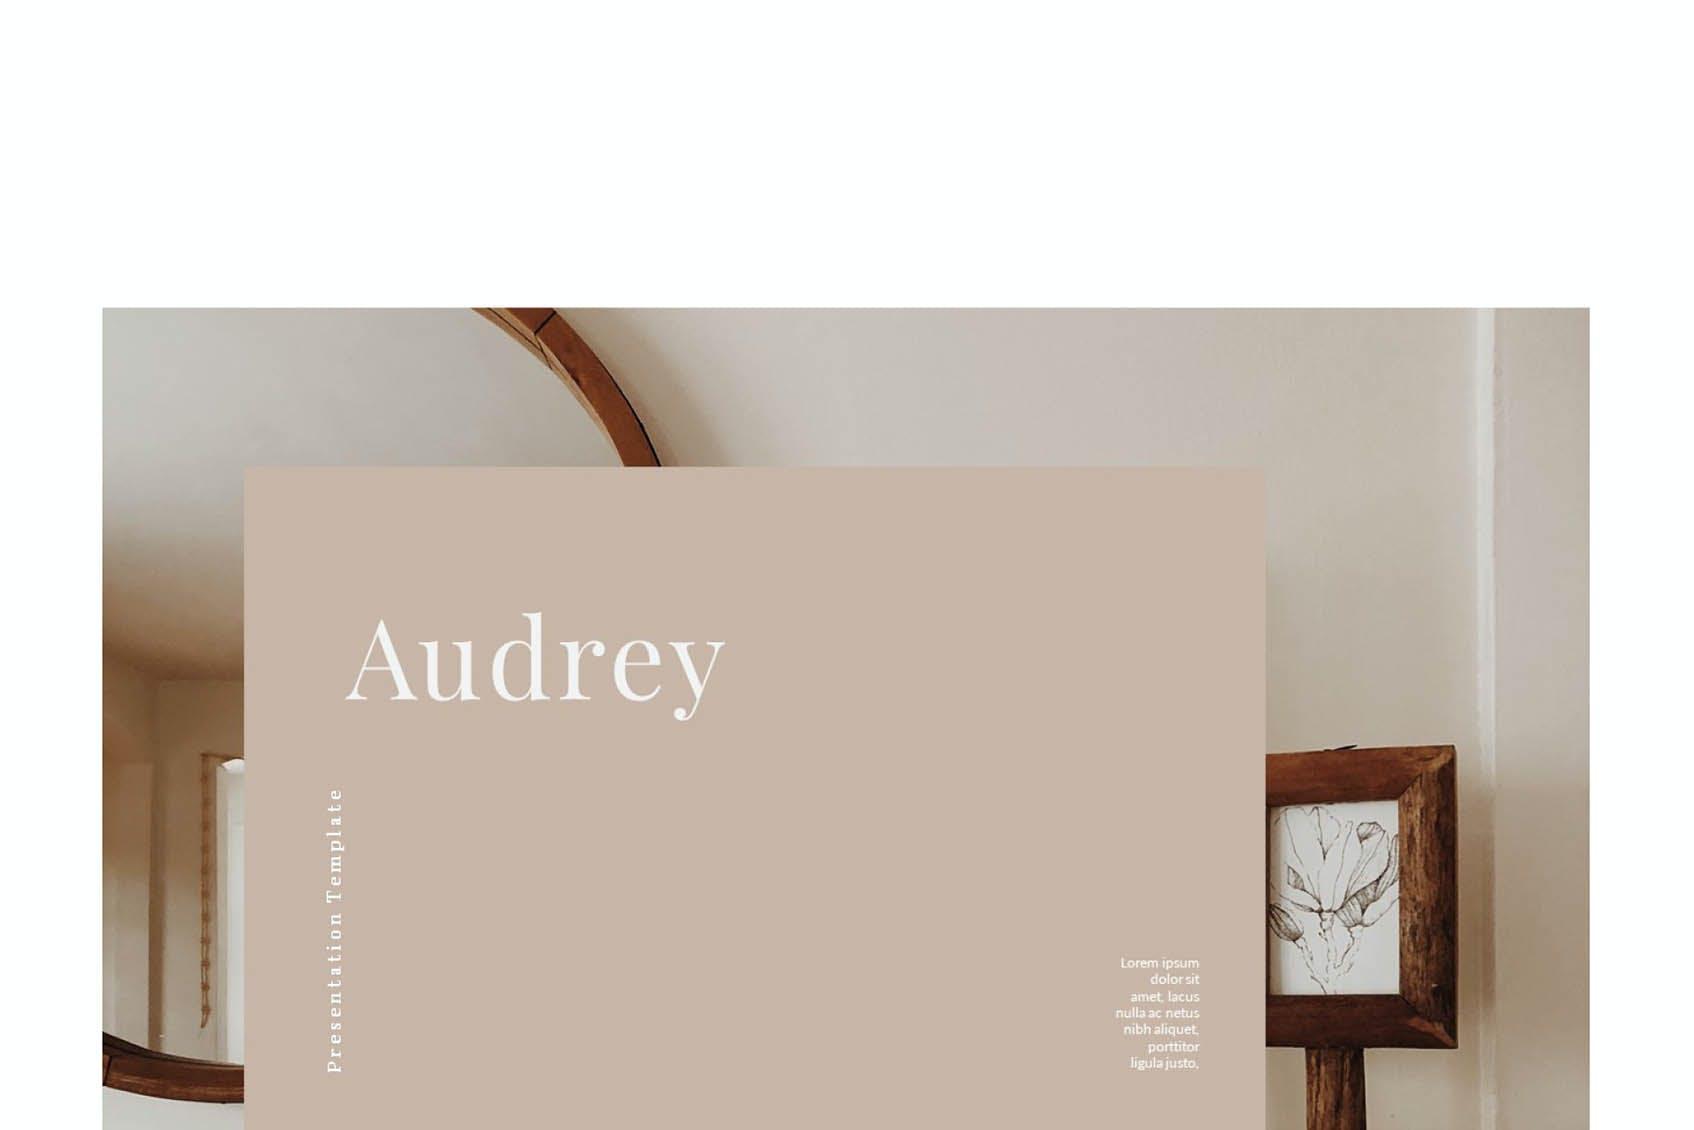 时尚简约摄影作品集图文排版设计演示文稿模板 Audrey – Powerpoint Template插图(2)